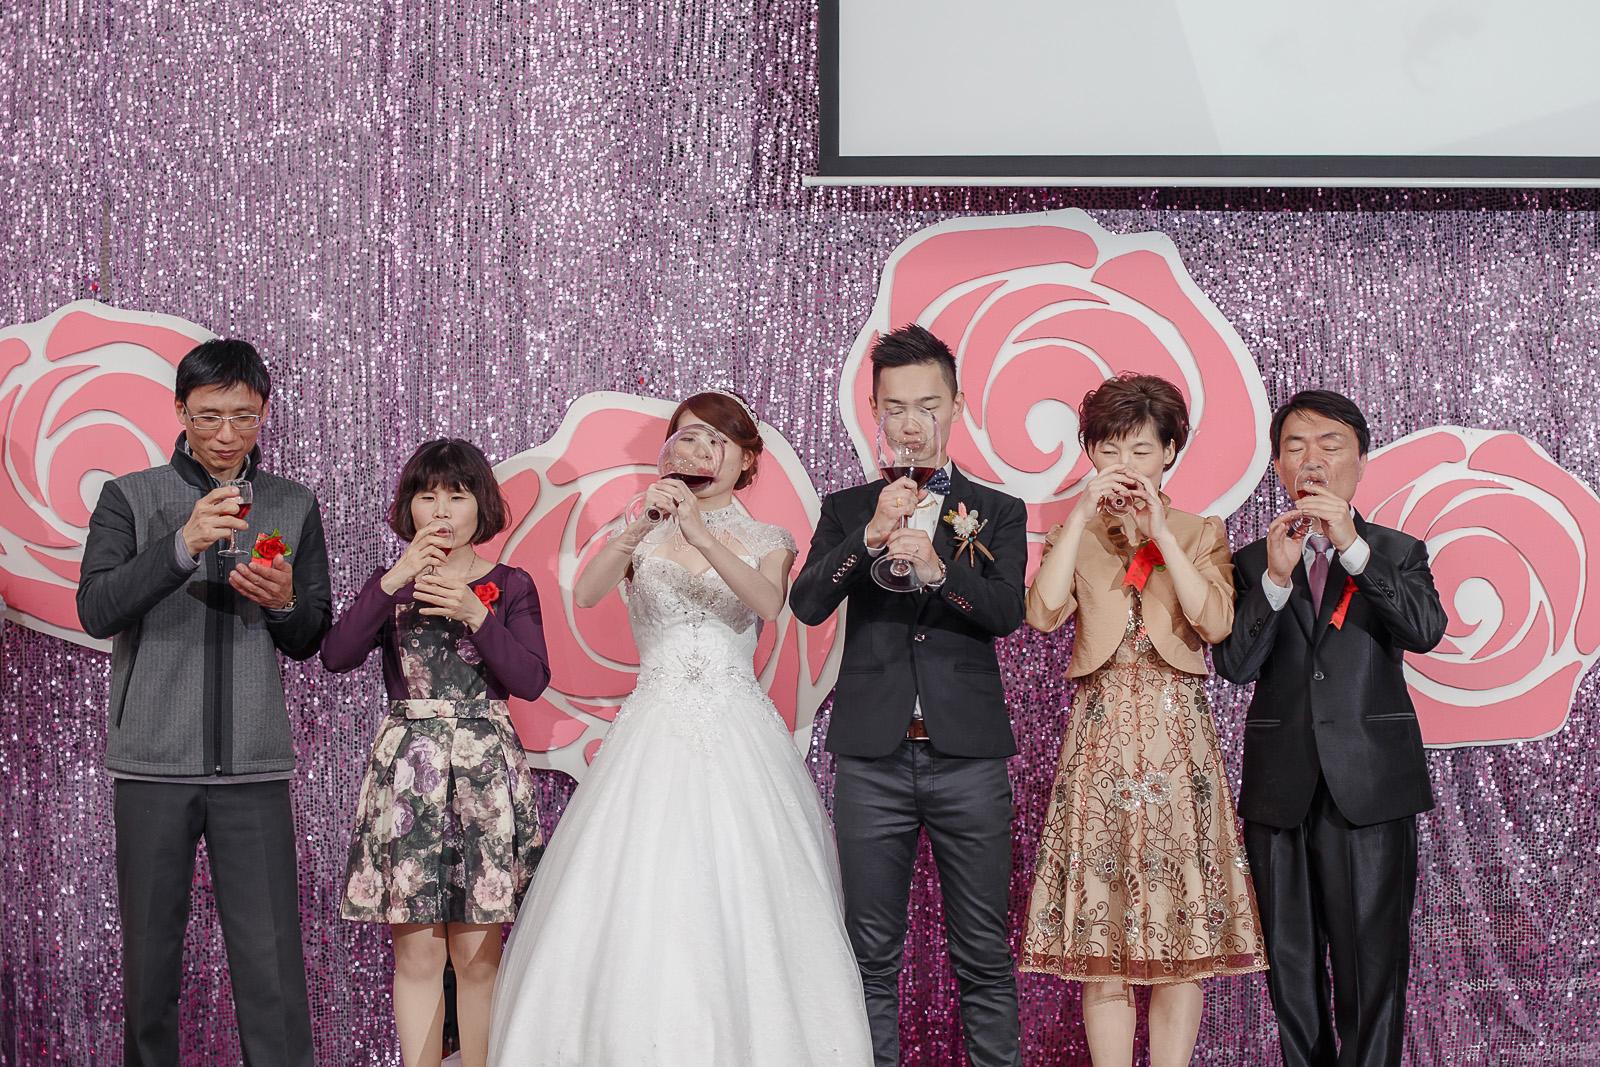 高雄圓山飯店,婚禮攝影,婚攝,高雄婚攝,優質婚攝推薦,Jen&Ethan-263